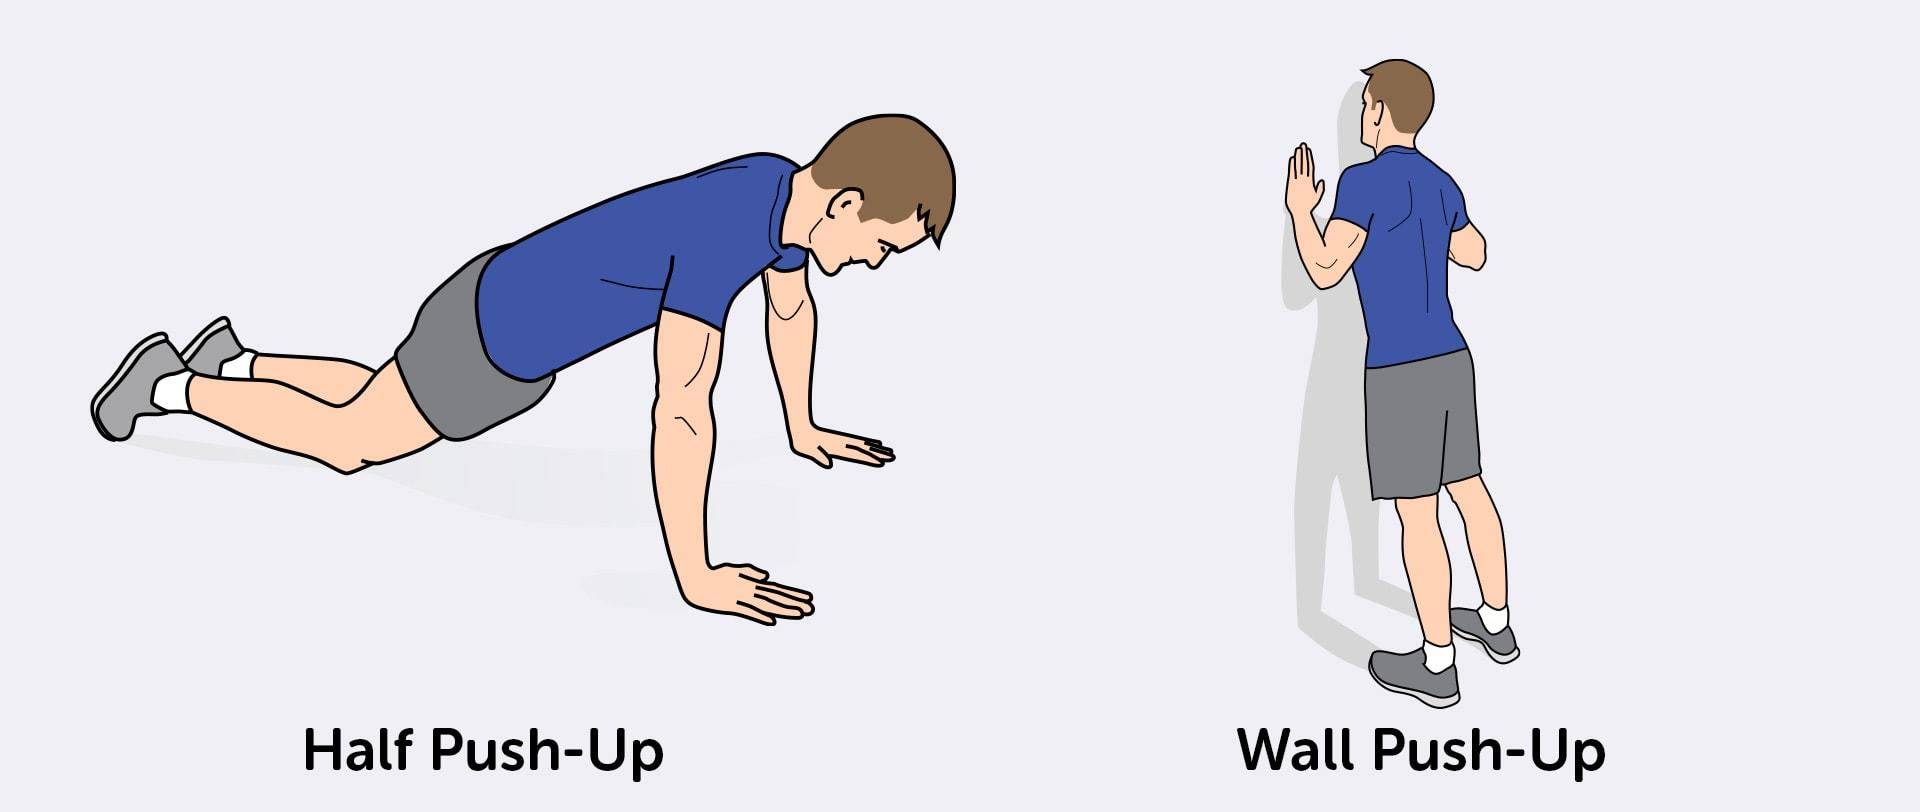 Setengah push-up dan dinding push-up adalah alternatif yang lebih mudah bagi pemula.